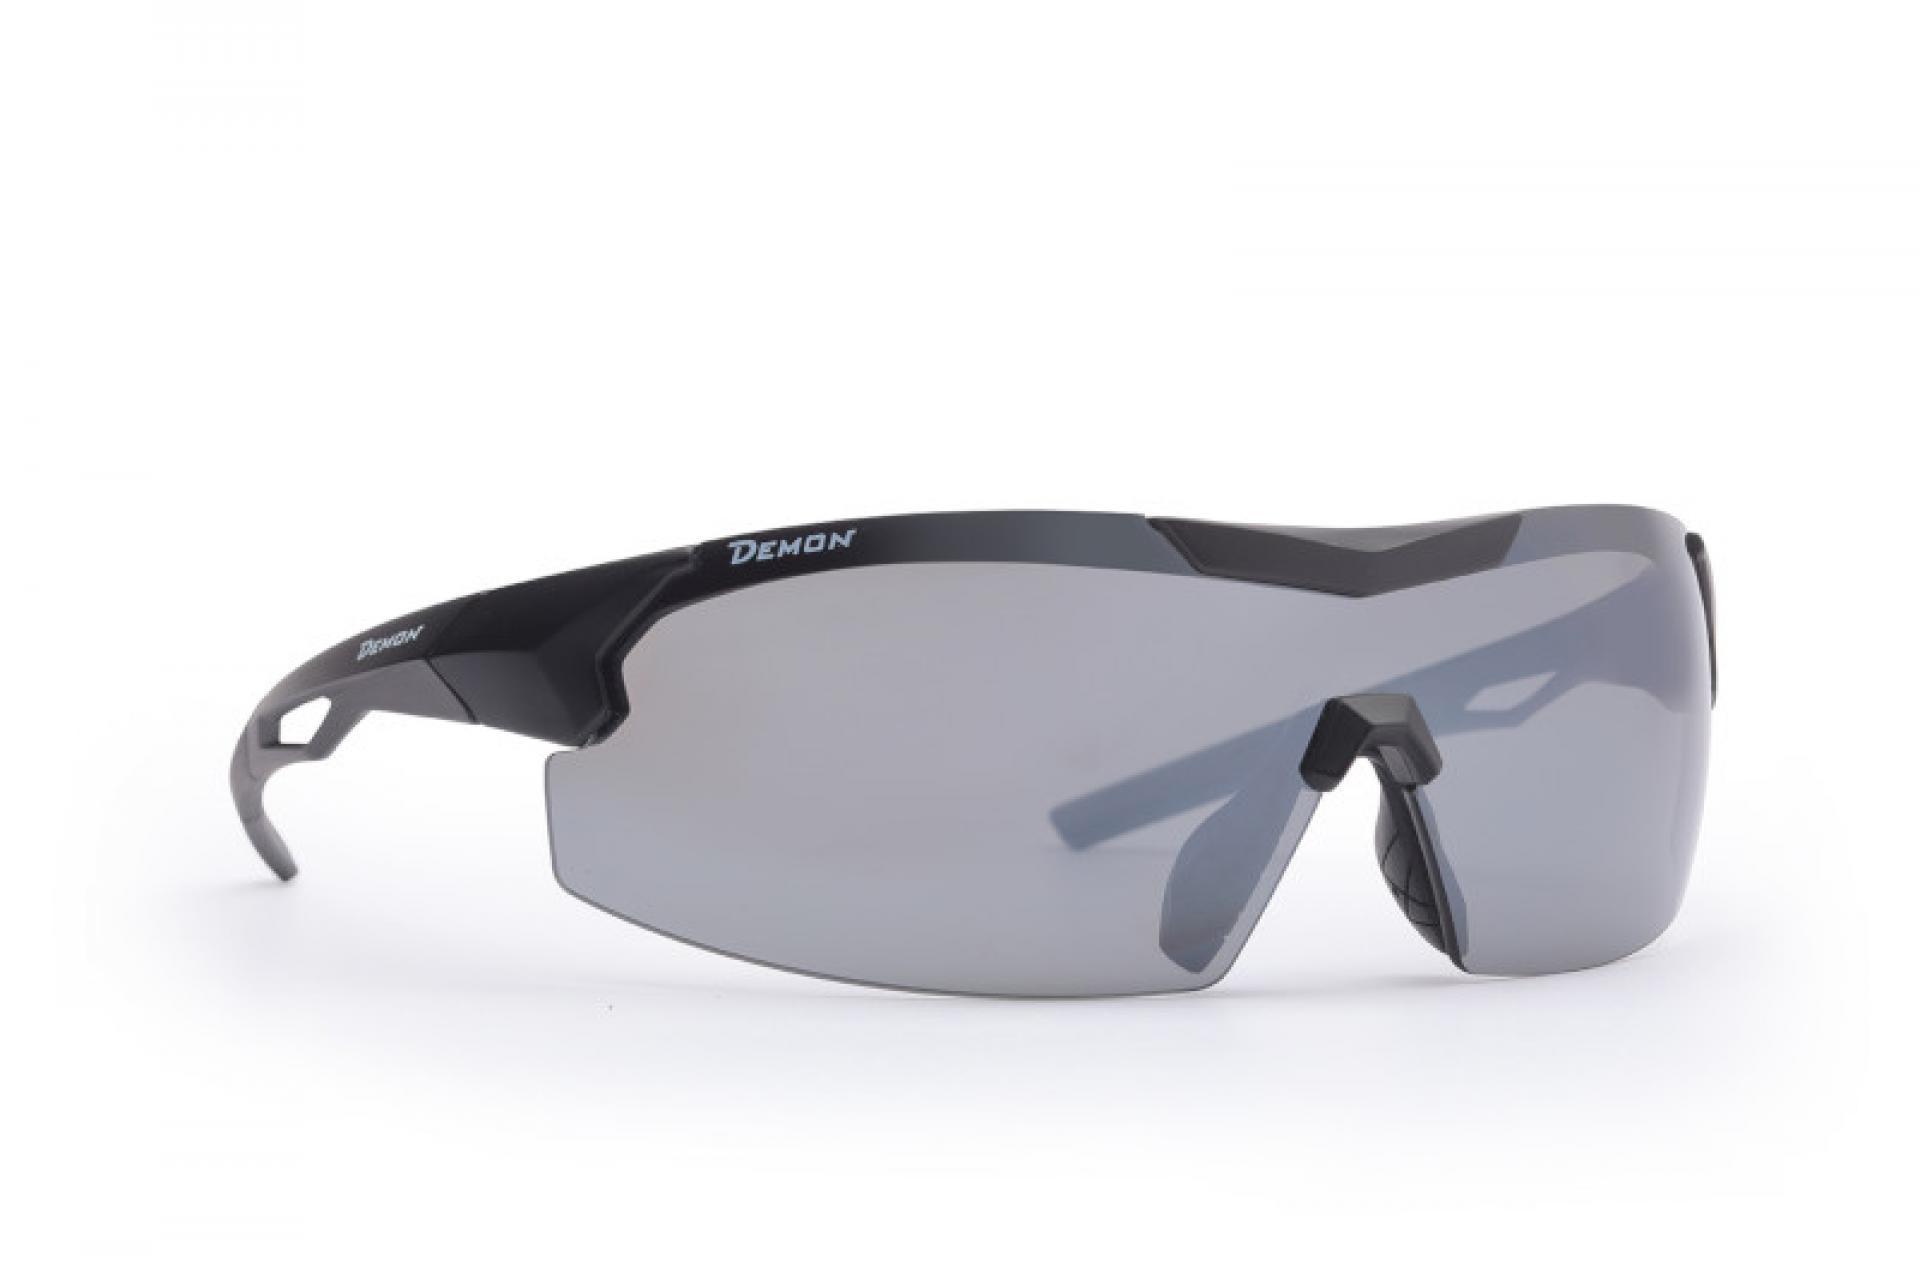 Demon Visual DCHANGE - Løbe- og cykelbrille med 3 sæt linser - Matsort   Glasses